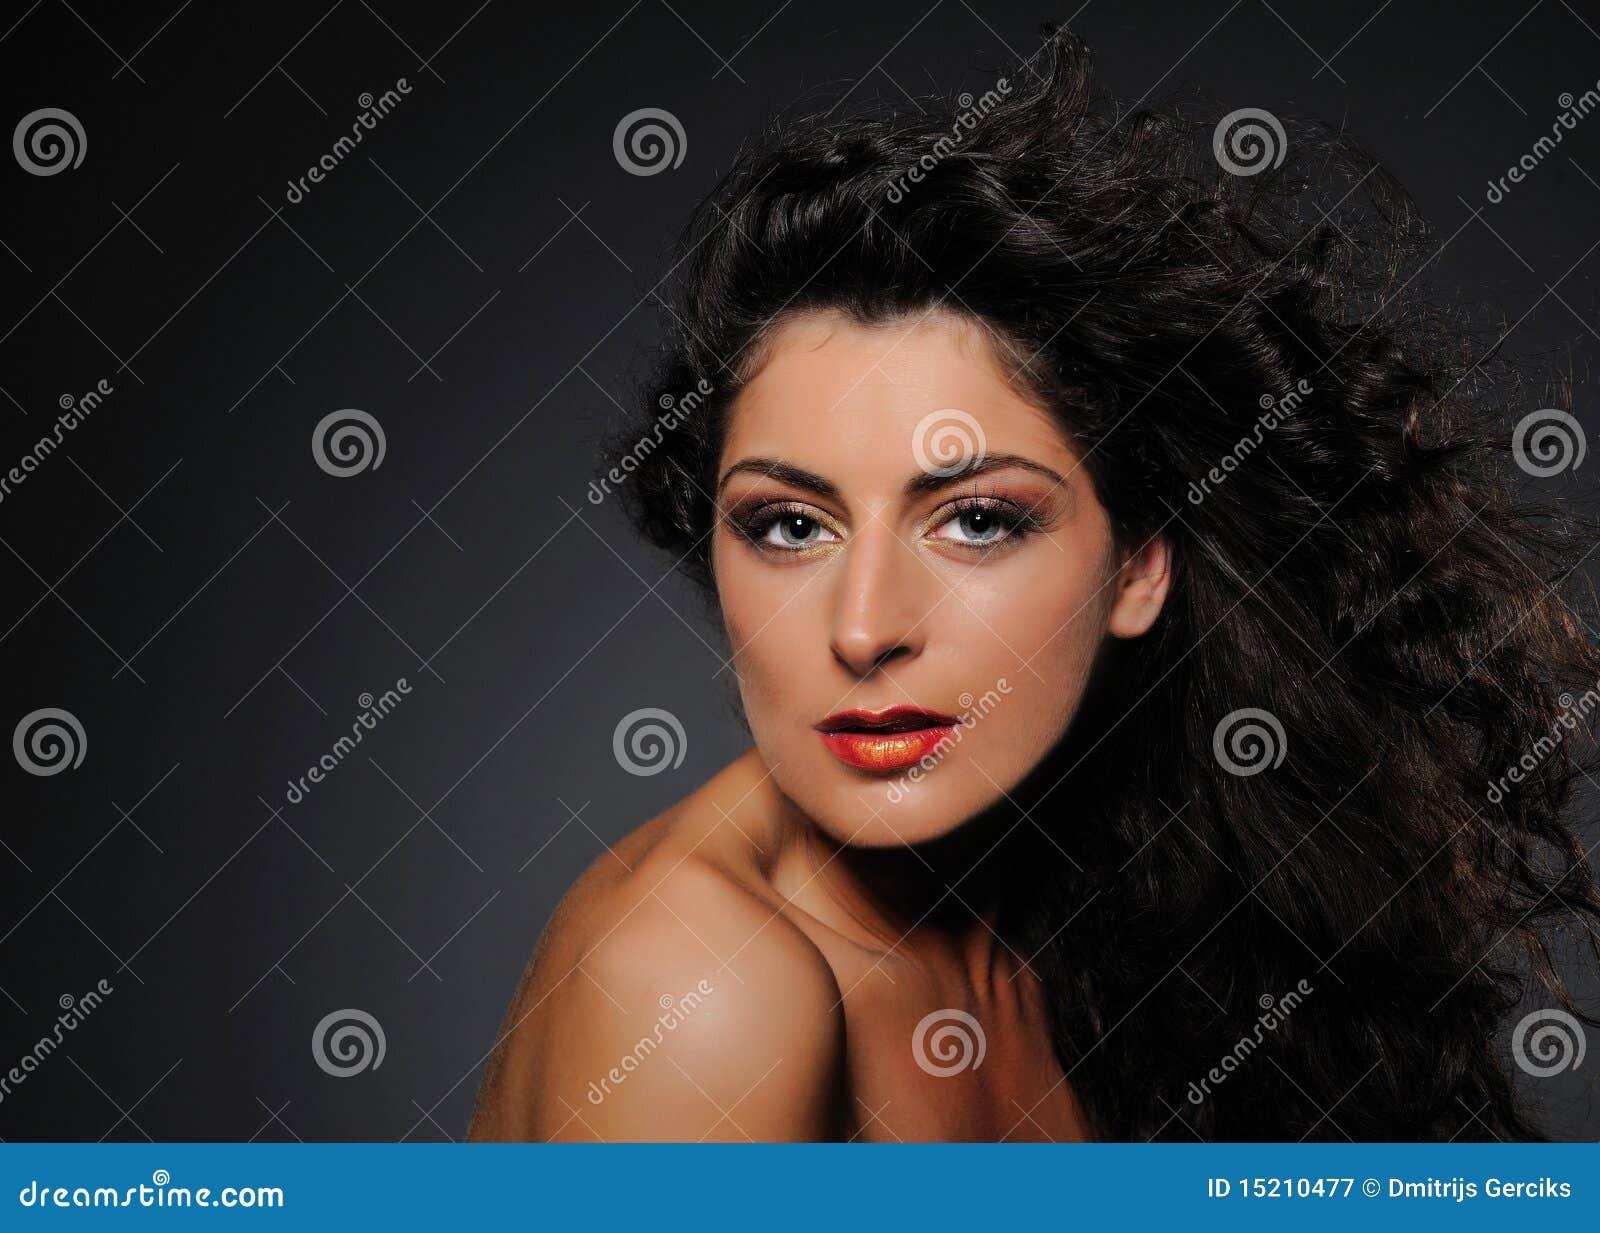 Ritratto Di Bellezza Della Donna Graziosa Con Capelli ...